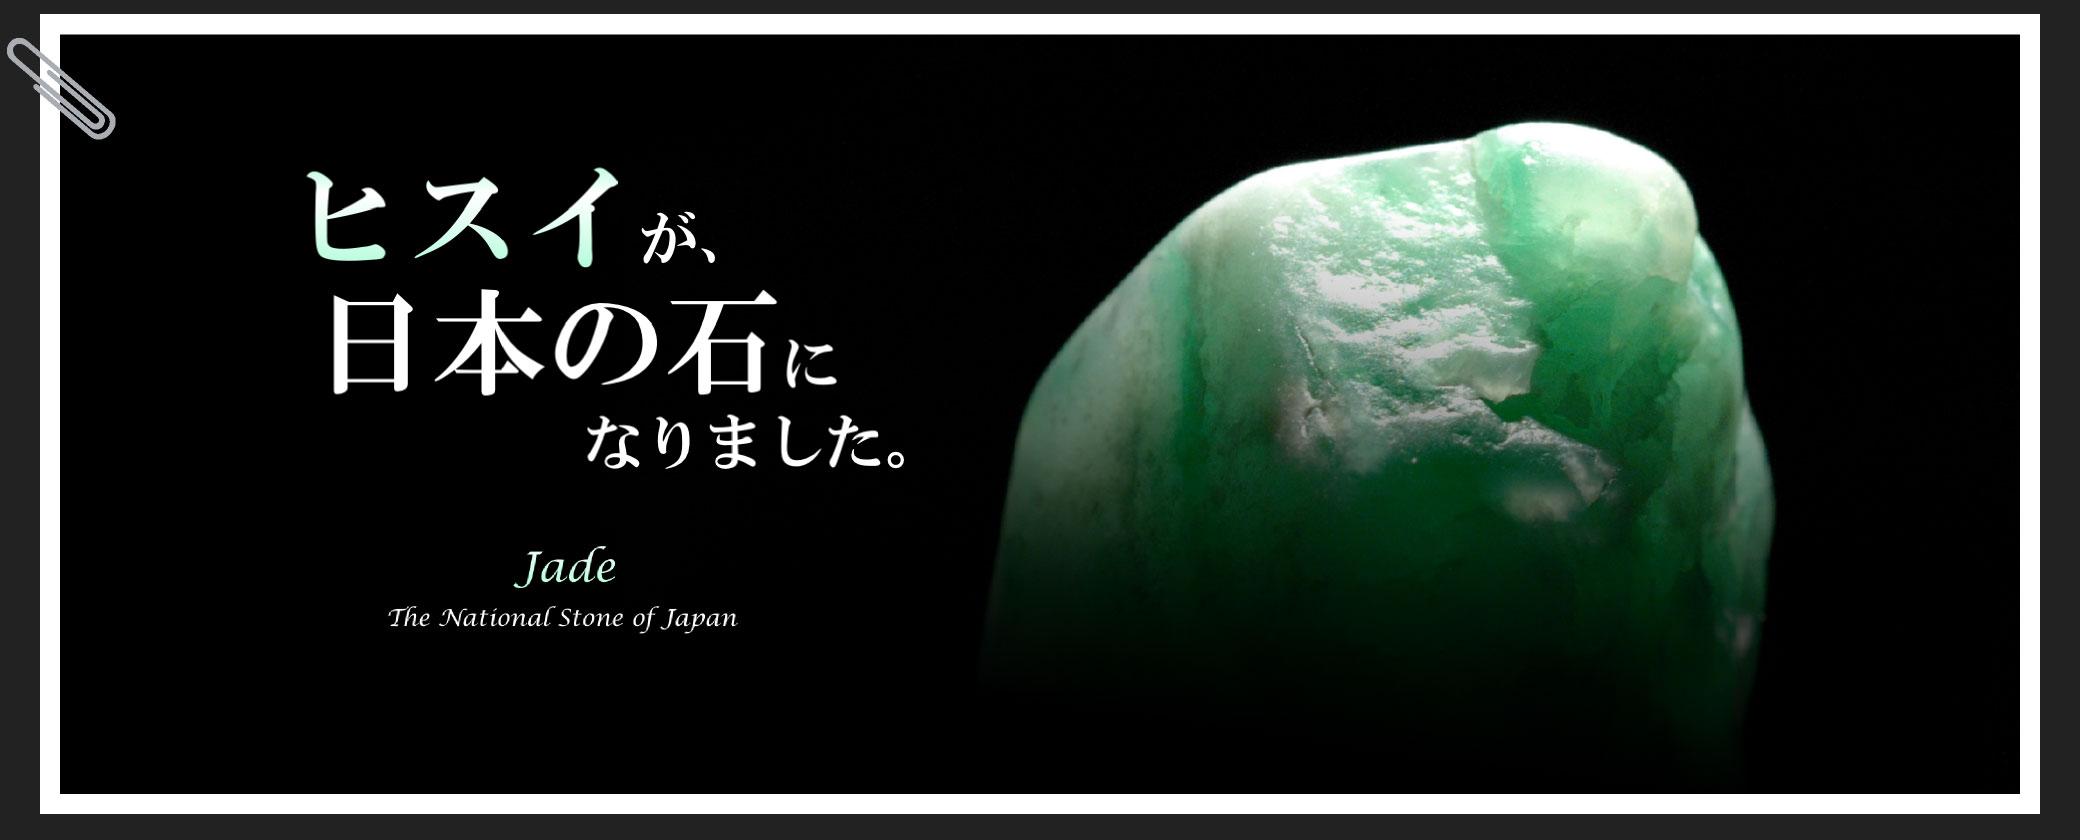 ヒスイが日本の石になりました